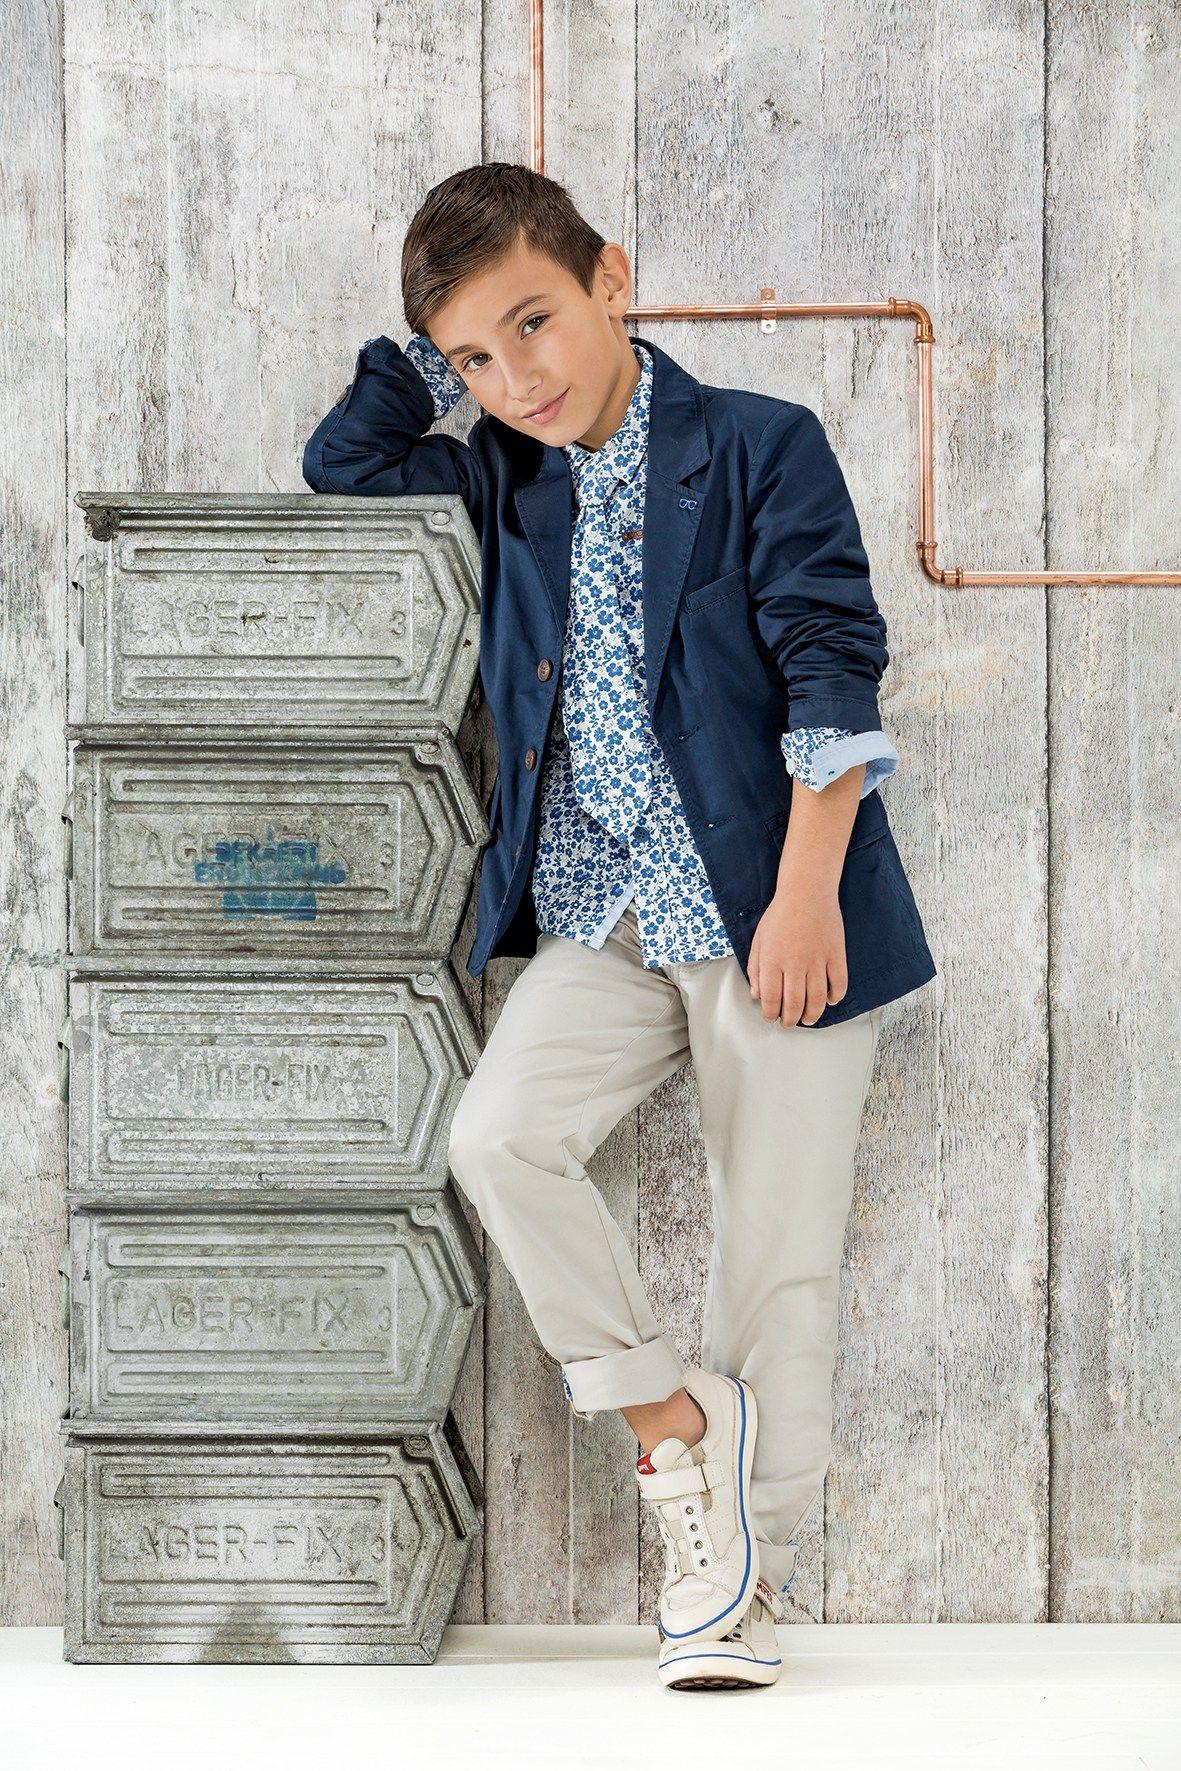 Fashion For Kids - Festliches Für Die Kleinen, Ob Zur